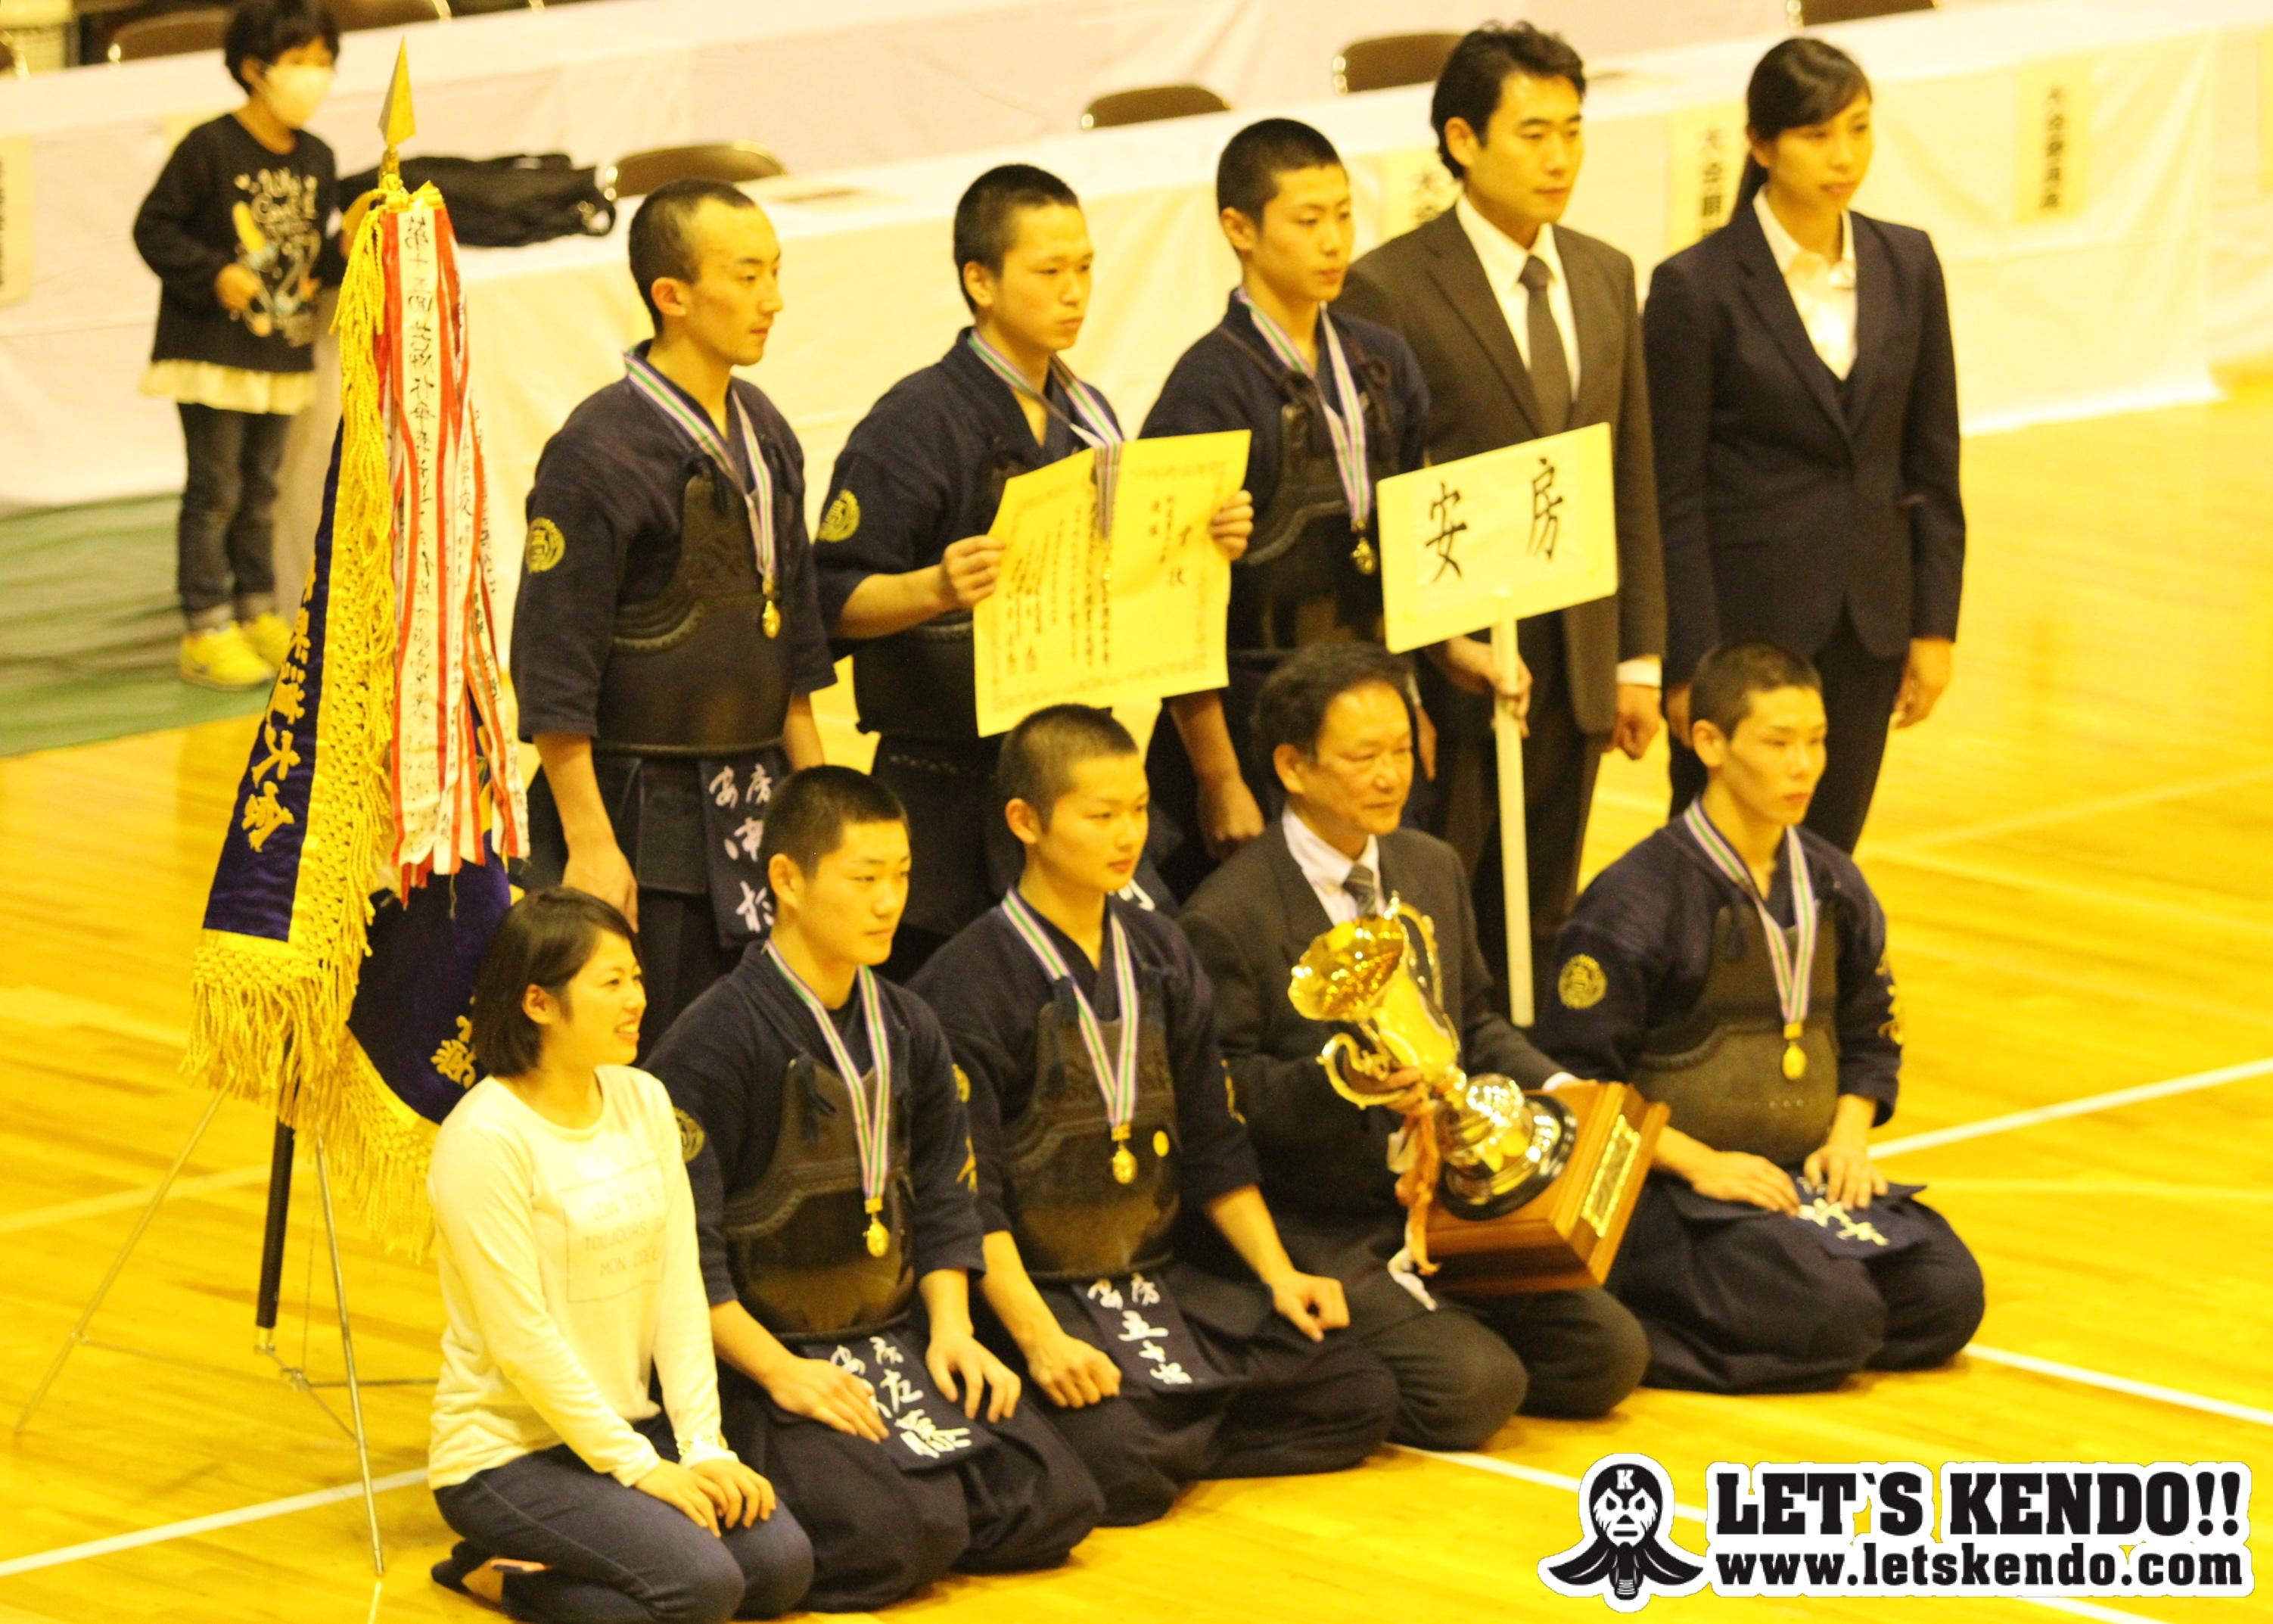 【生配信&速報】12/26 若潮杯争奪高校剣道大会